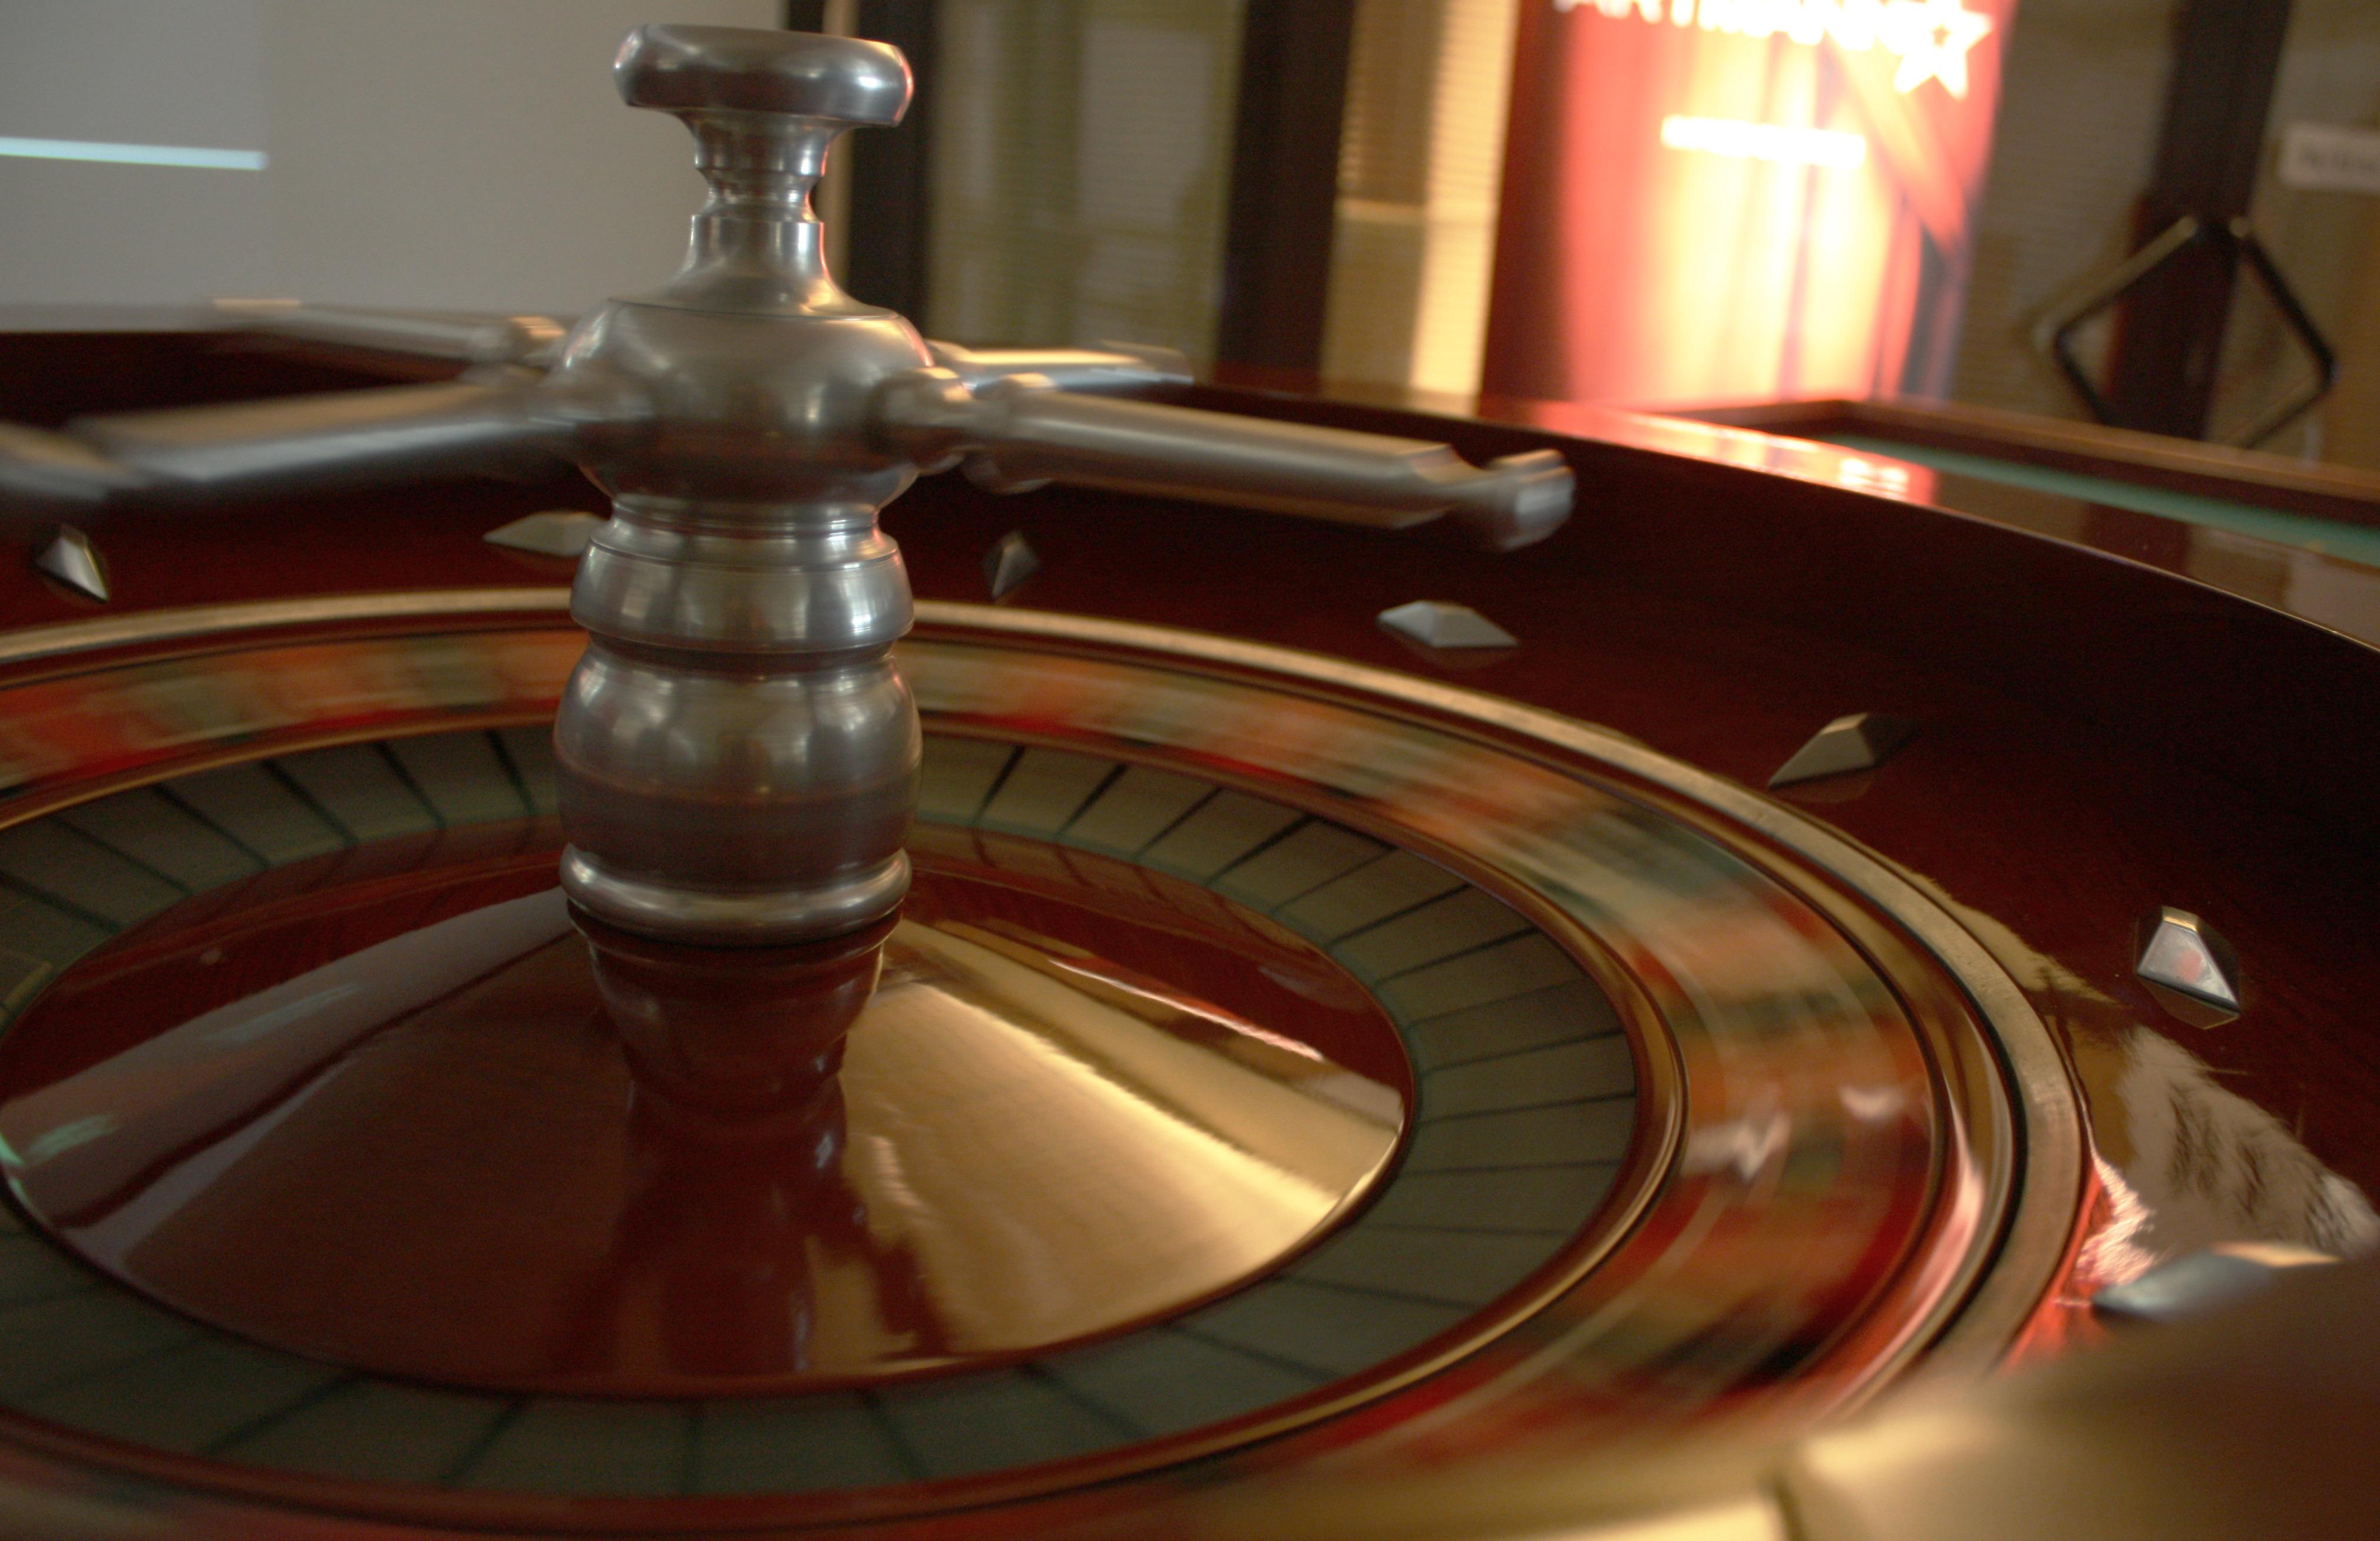 трафик колесо игра стакан Красный Деньги Черный цвета Форма Игра обеденный стол Рулетка